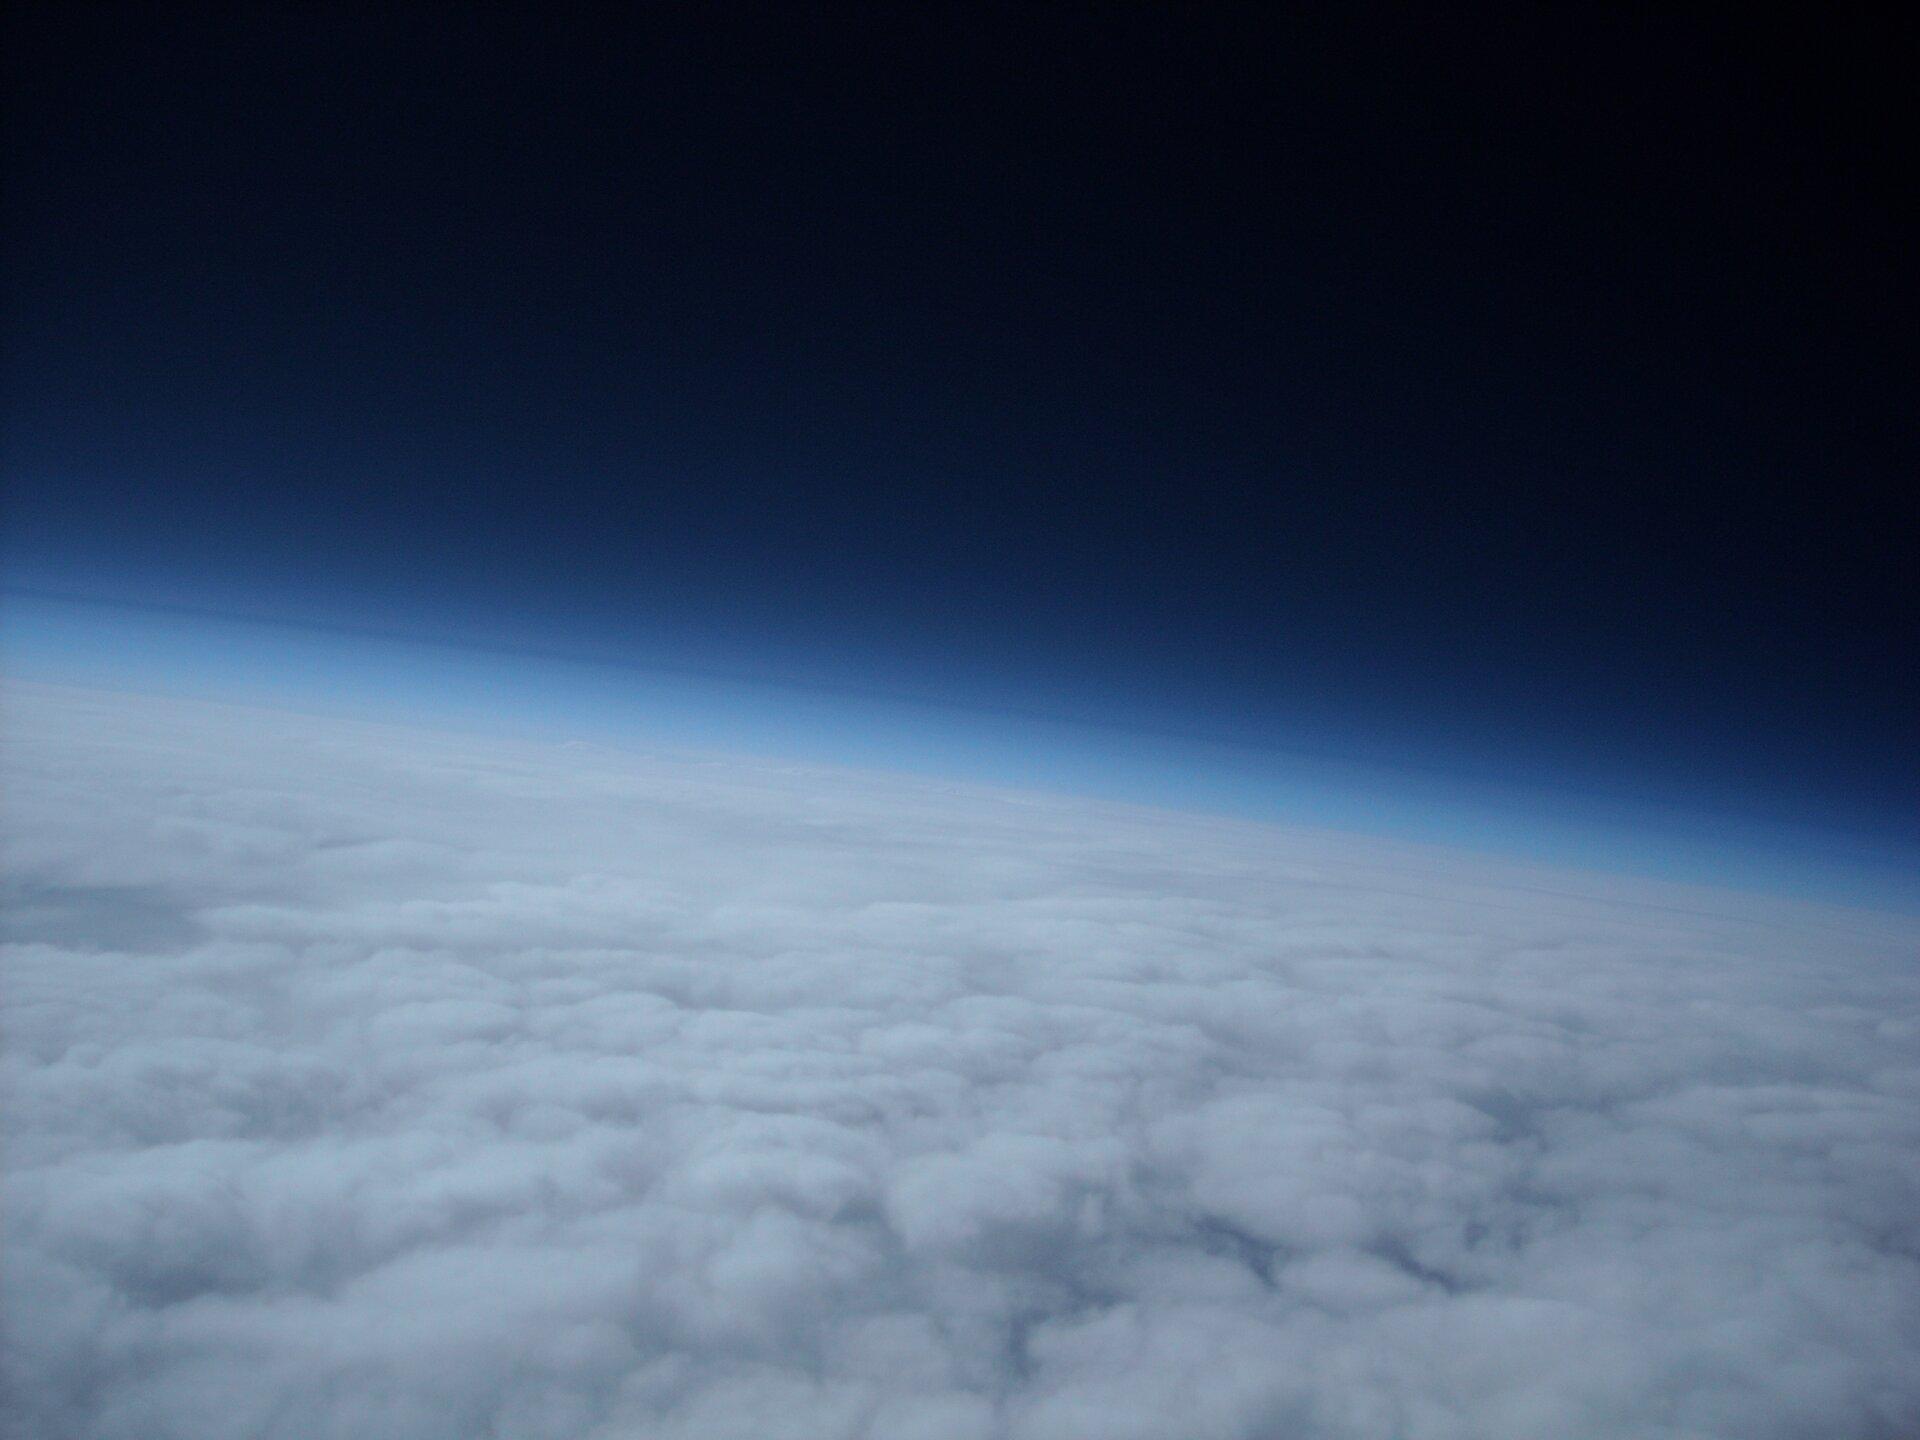 Zdjęcie przedstawia atmosferę ziemską. Na zdjęciu widoczna jest planeta Ziemia zkosmosu?. Jest ona otoczona jasną/jasnoniebieską? gazową powłoką.